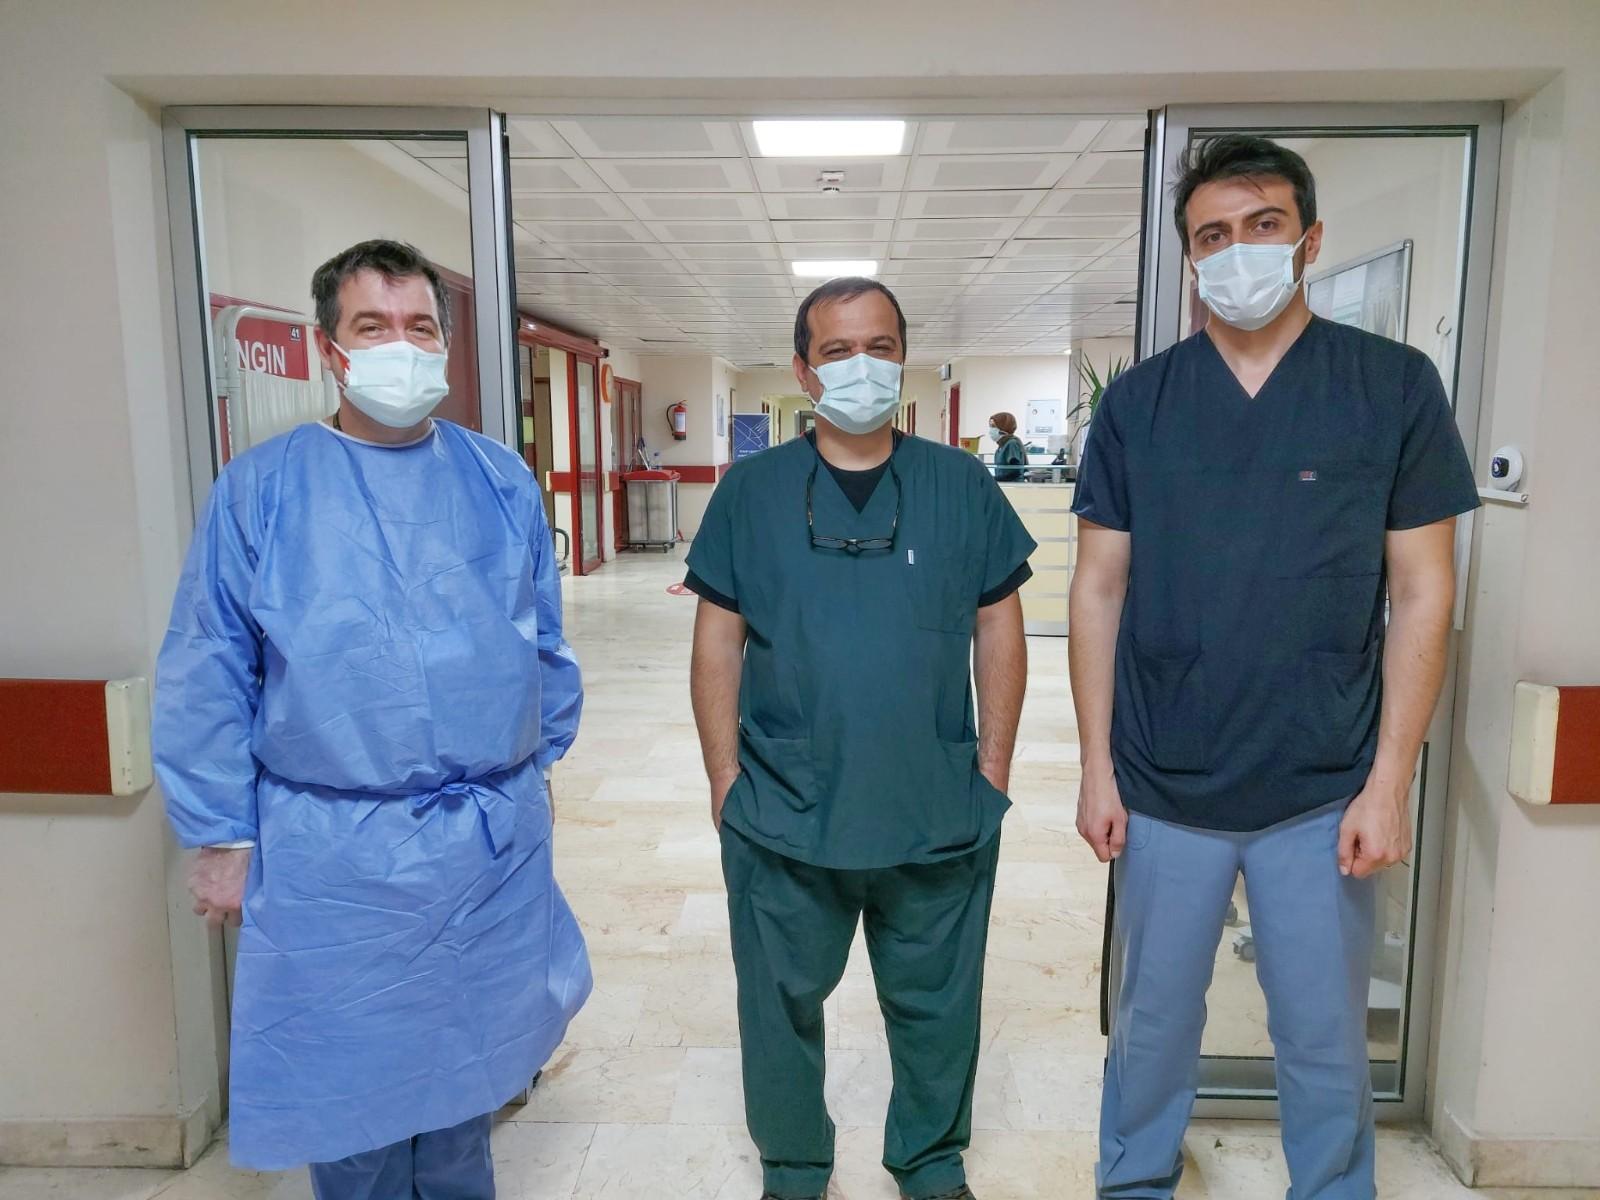 Evliya Çelebi Eğitim ve Araştırma Hastanesi'nden bir başarılı müdahale daha